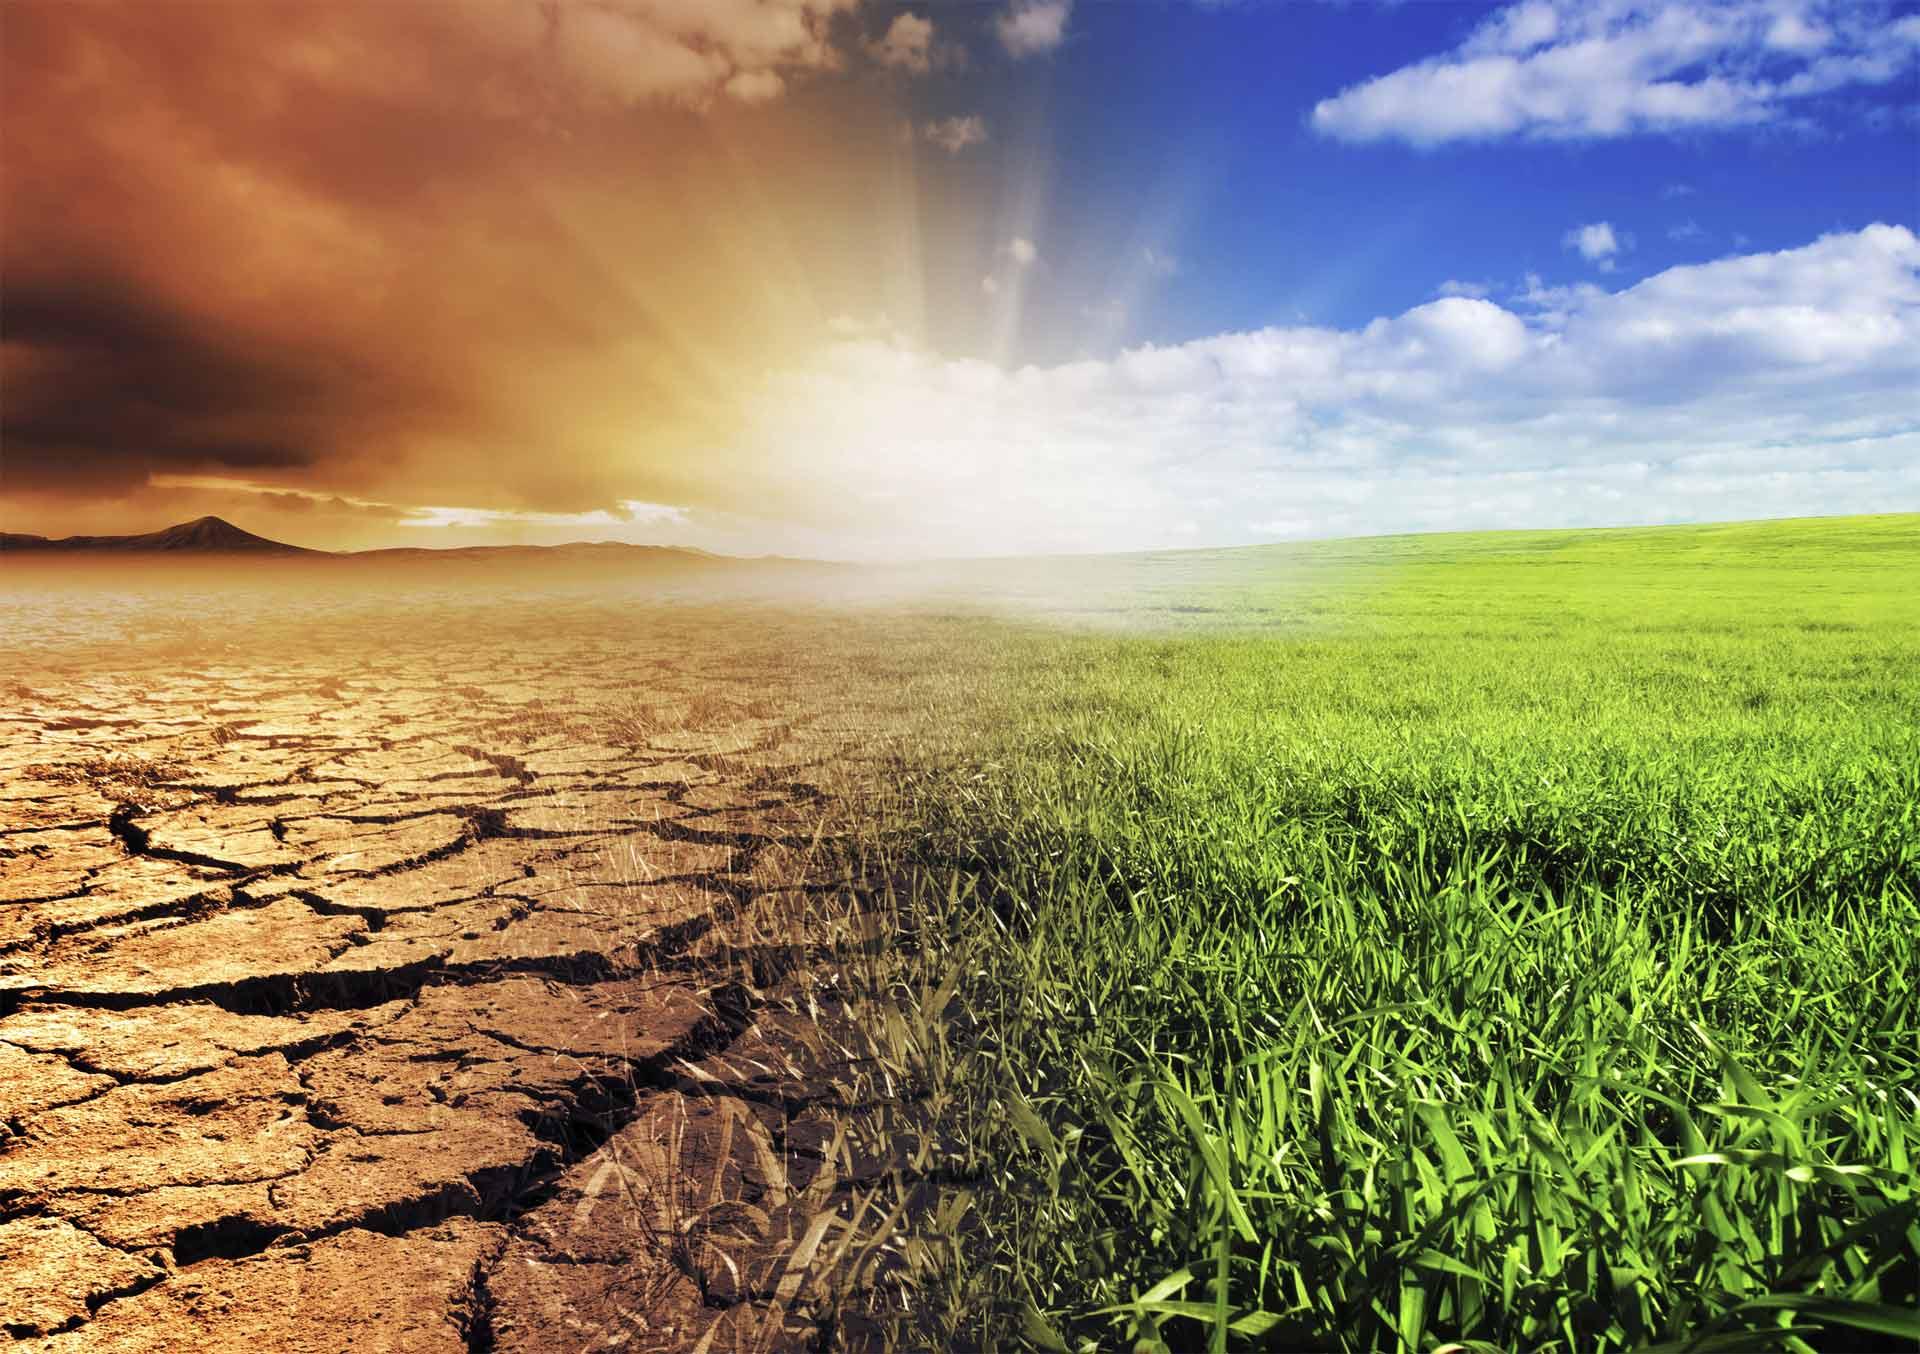 Los planes presentados hasta ahora sólo reducirán la emisión de gases hasta 2030 en la mitad de lo necesario